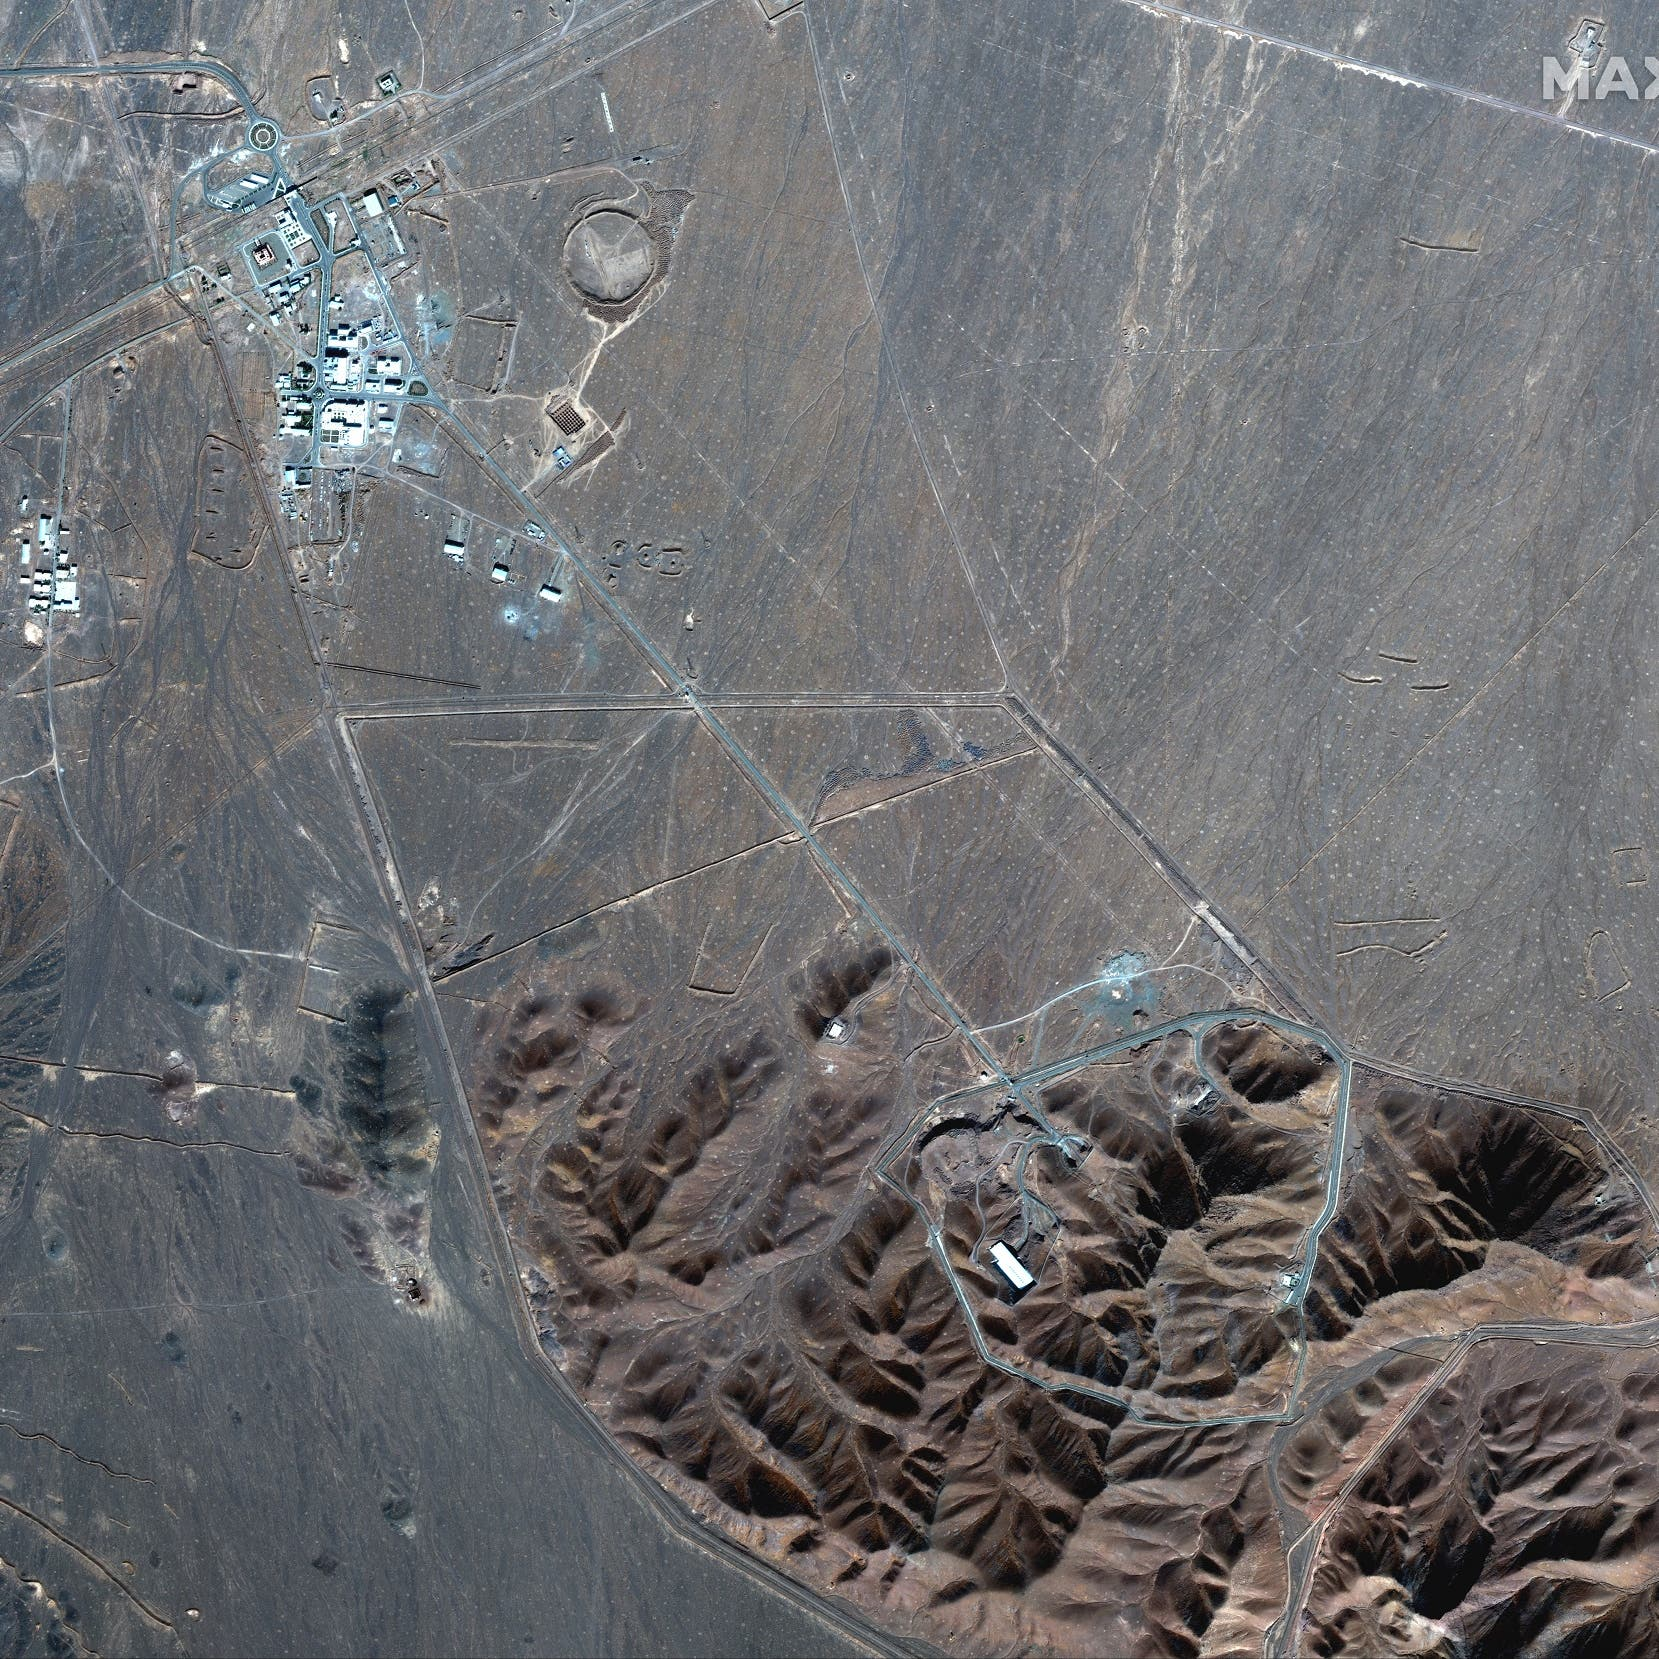 إيران تفخخ جهود أوروبا.. أجهزة طرد جديدة في موقع فوردو